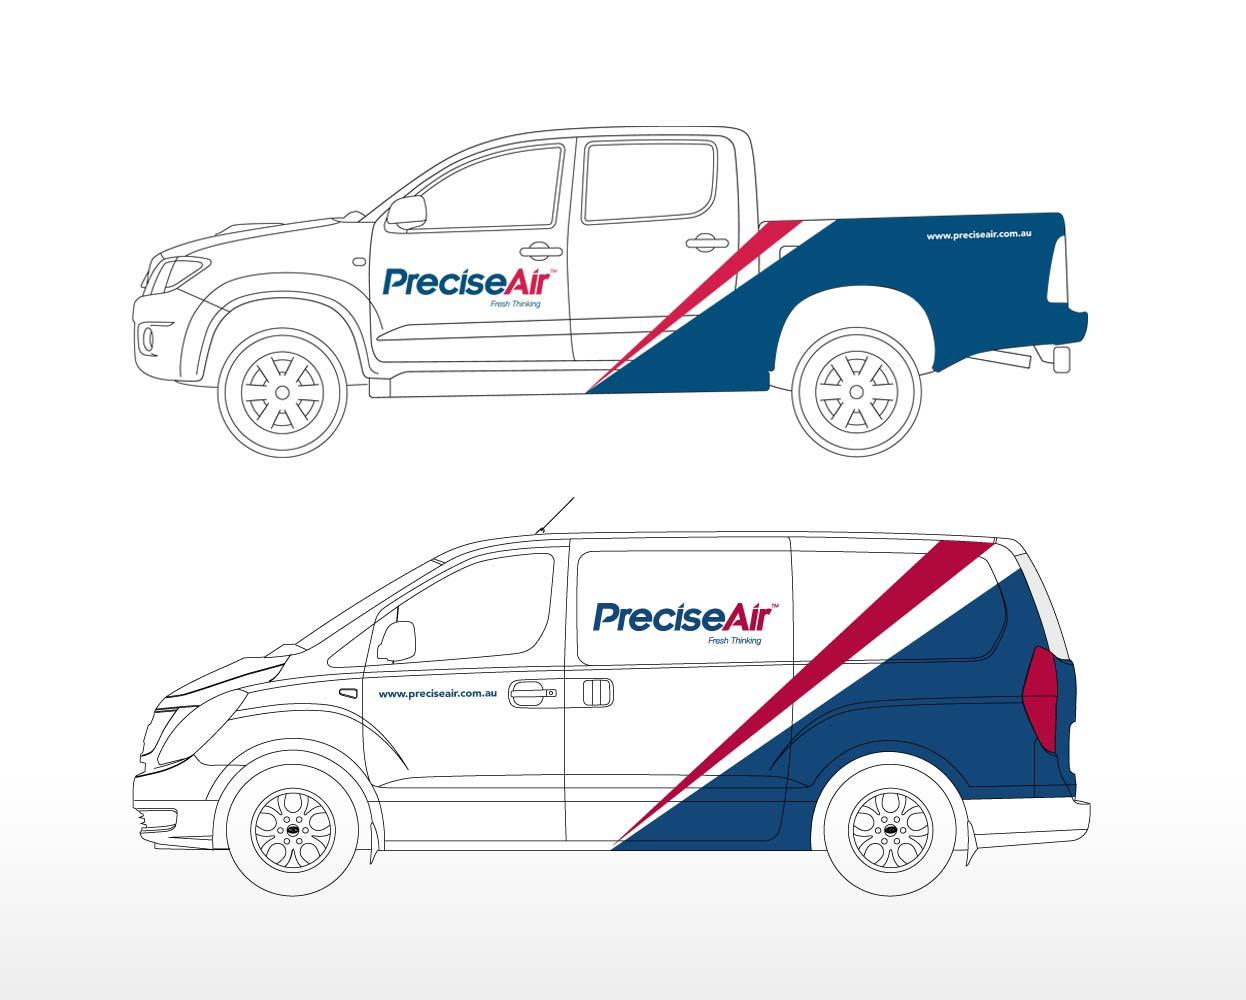 Precise Air Vehicle signage Ute Van